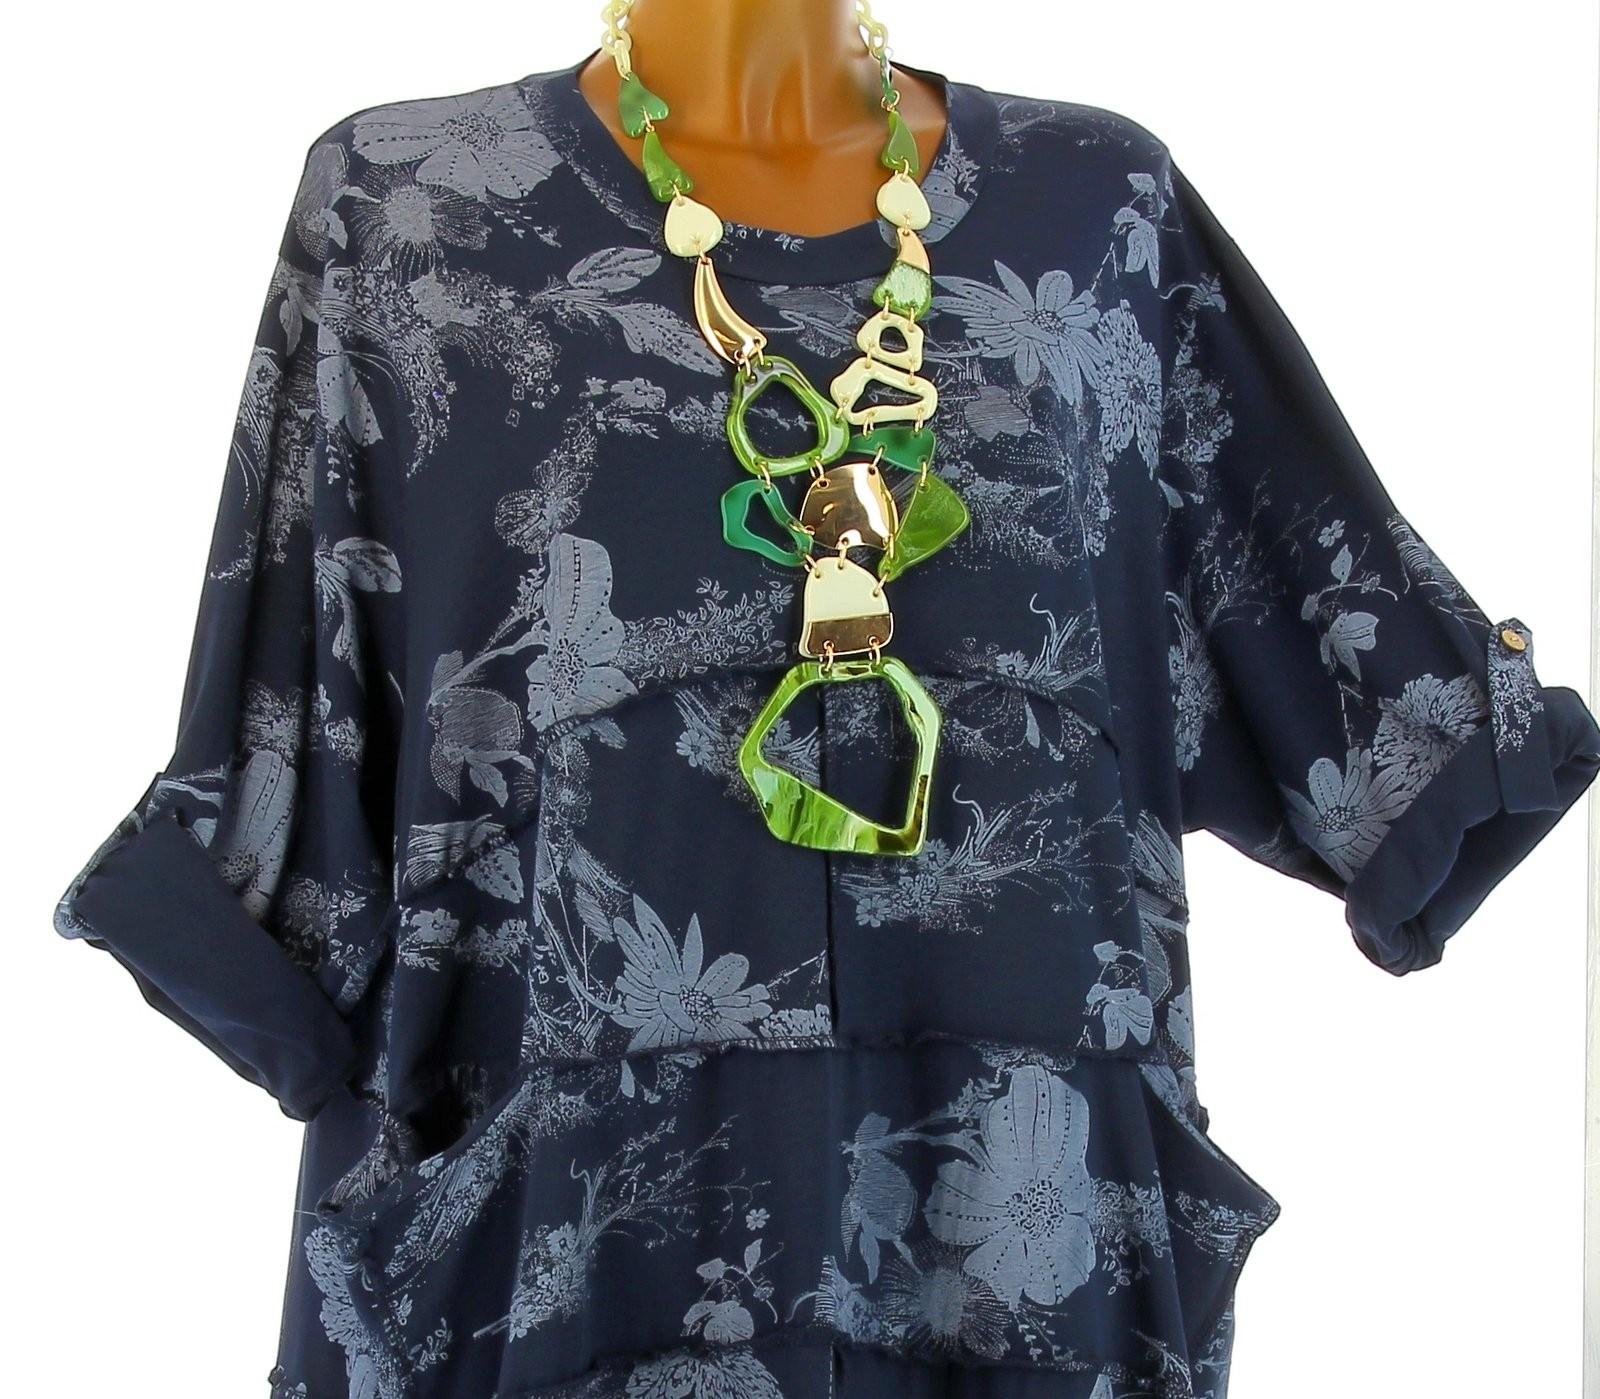 robe t boh me coton grande taille bleu marine patchwork bleu ebay. Black Bedroom Furniture Sets. Home Design Ideas